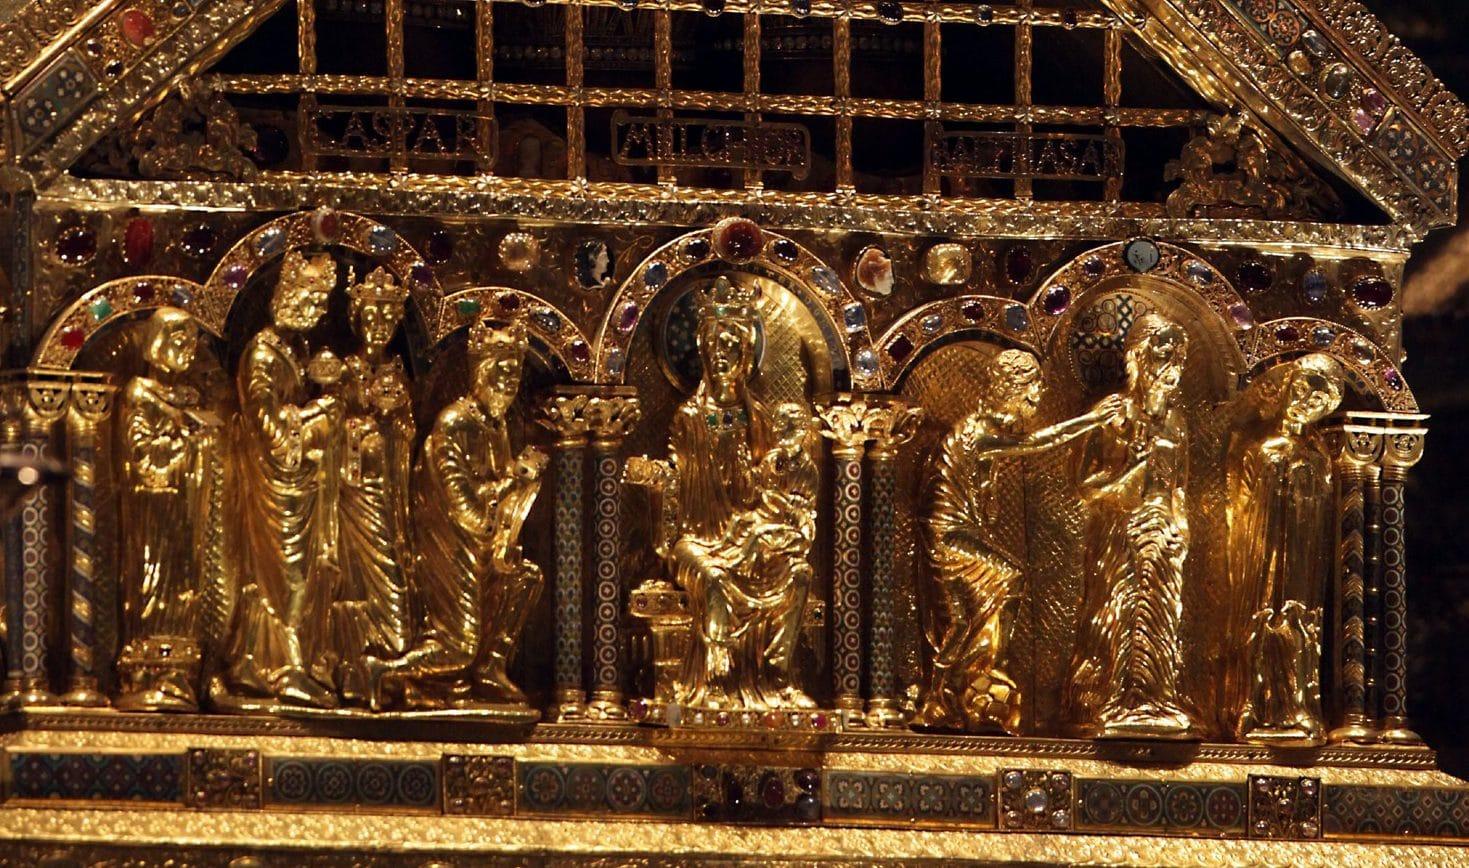 De Driekoningenschrijn in de Dom van Keulen